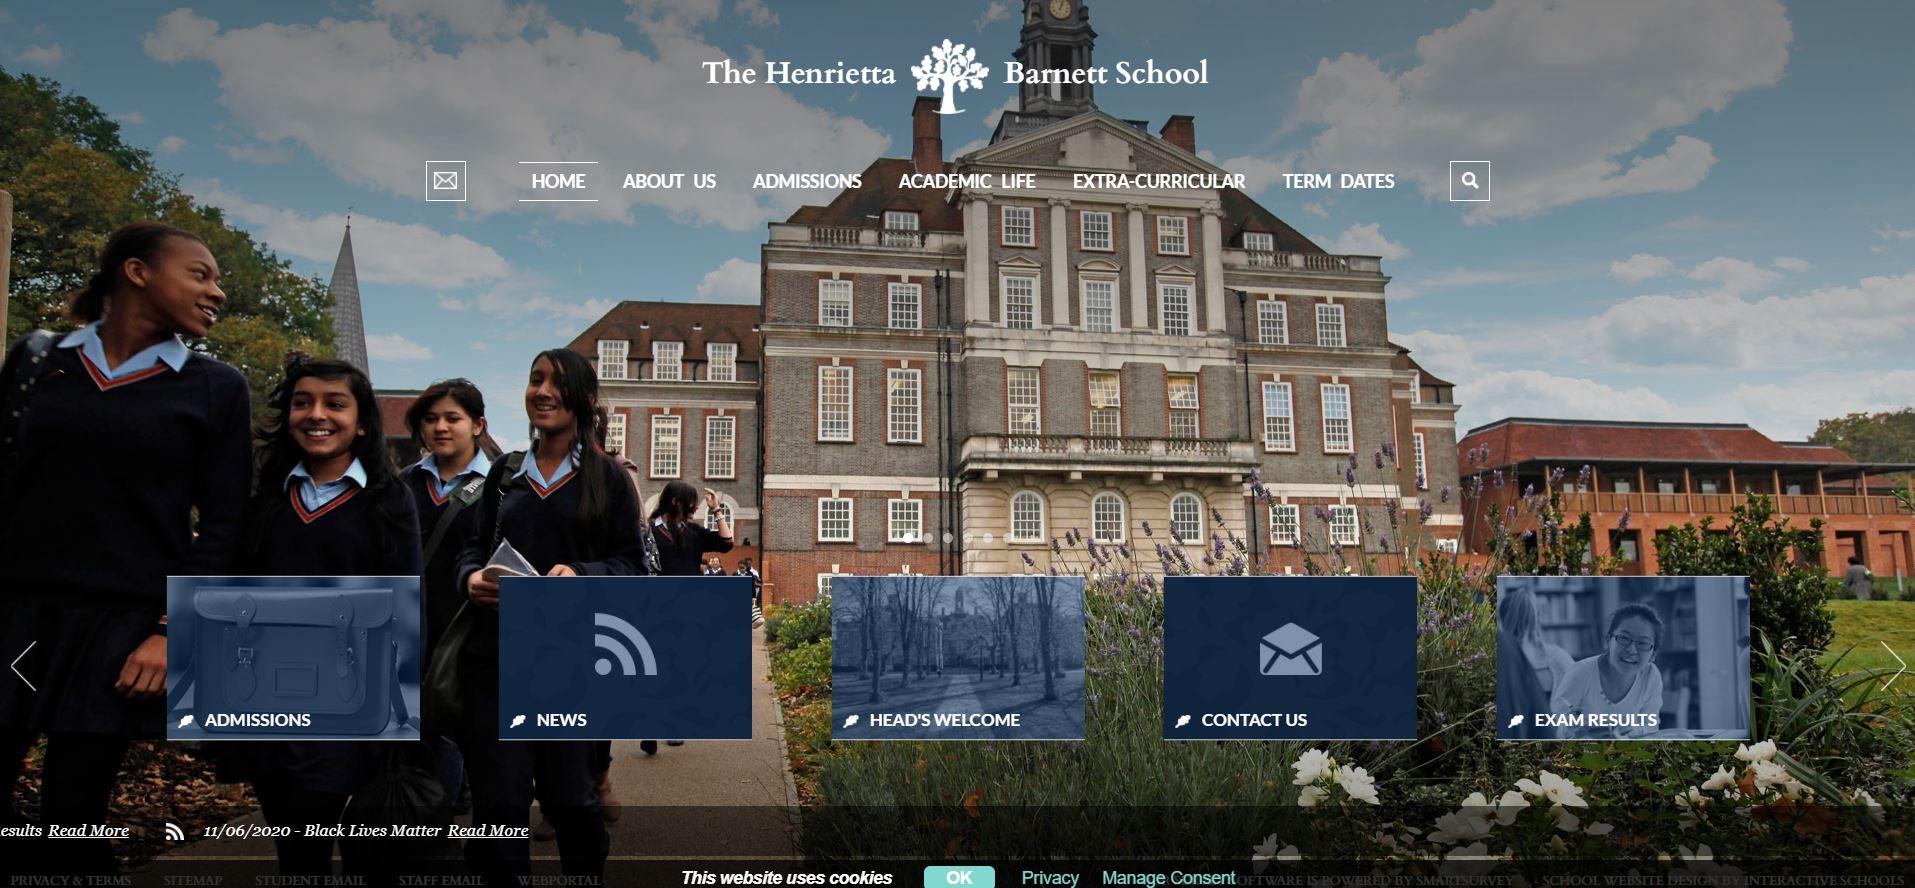 Henrietta Barnett School